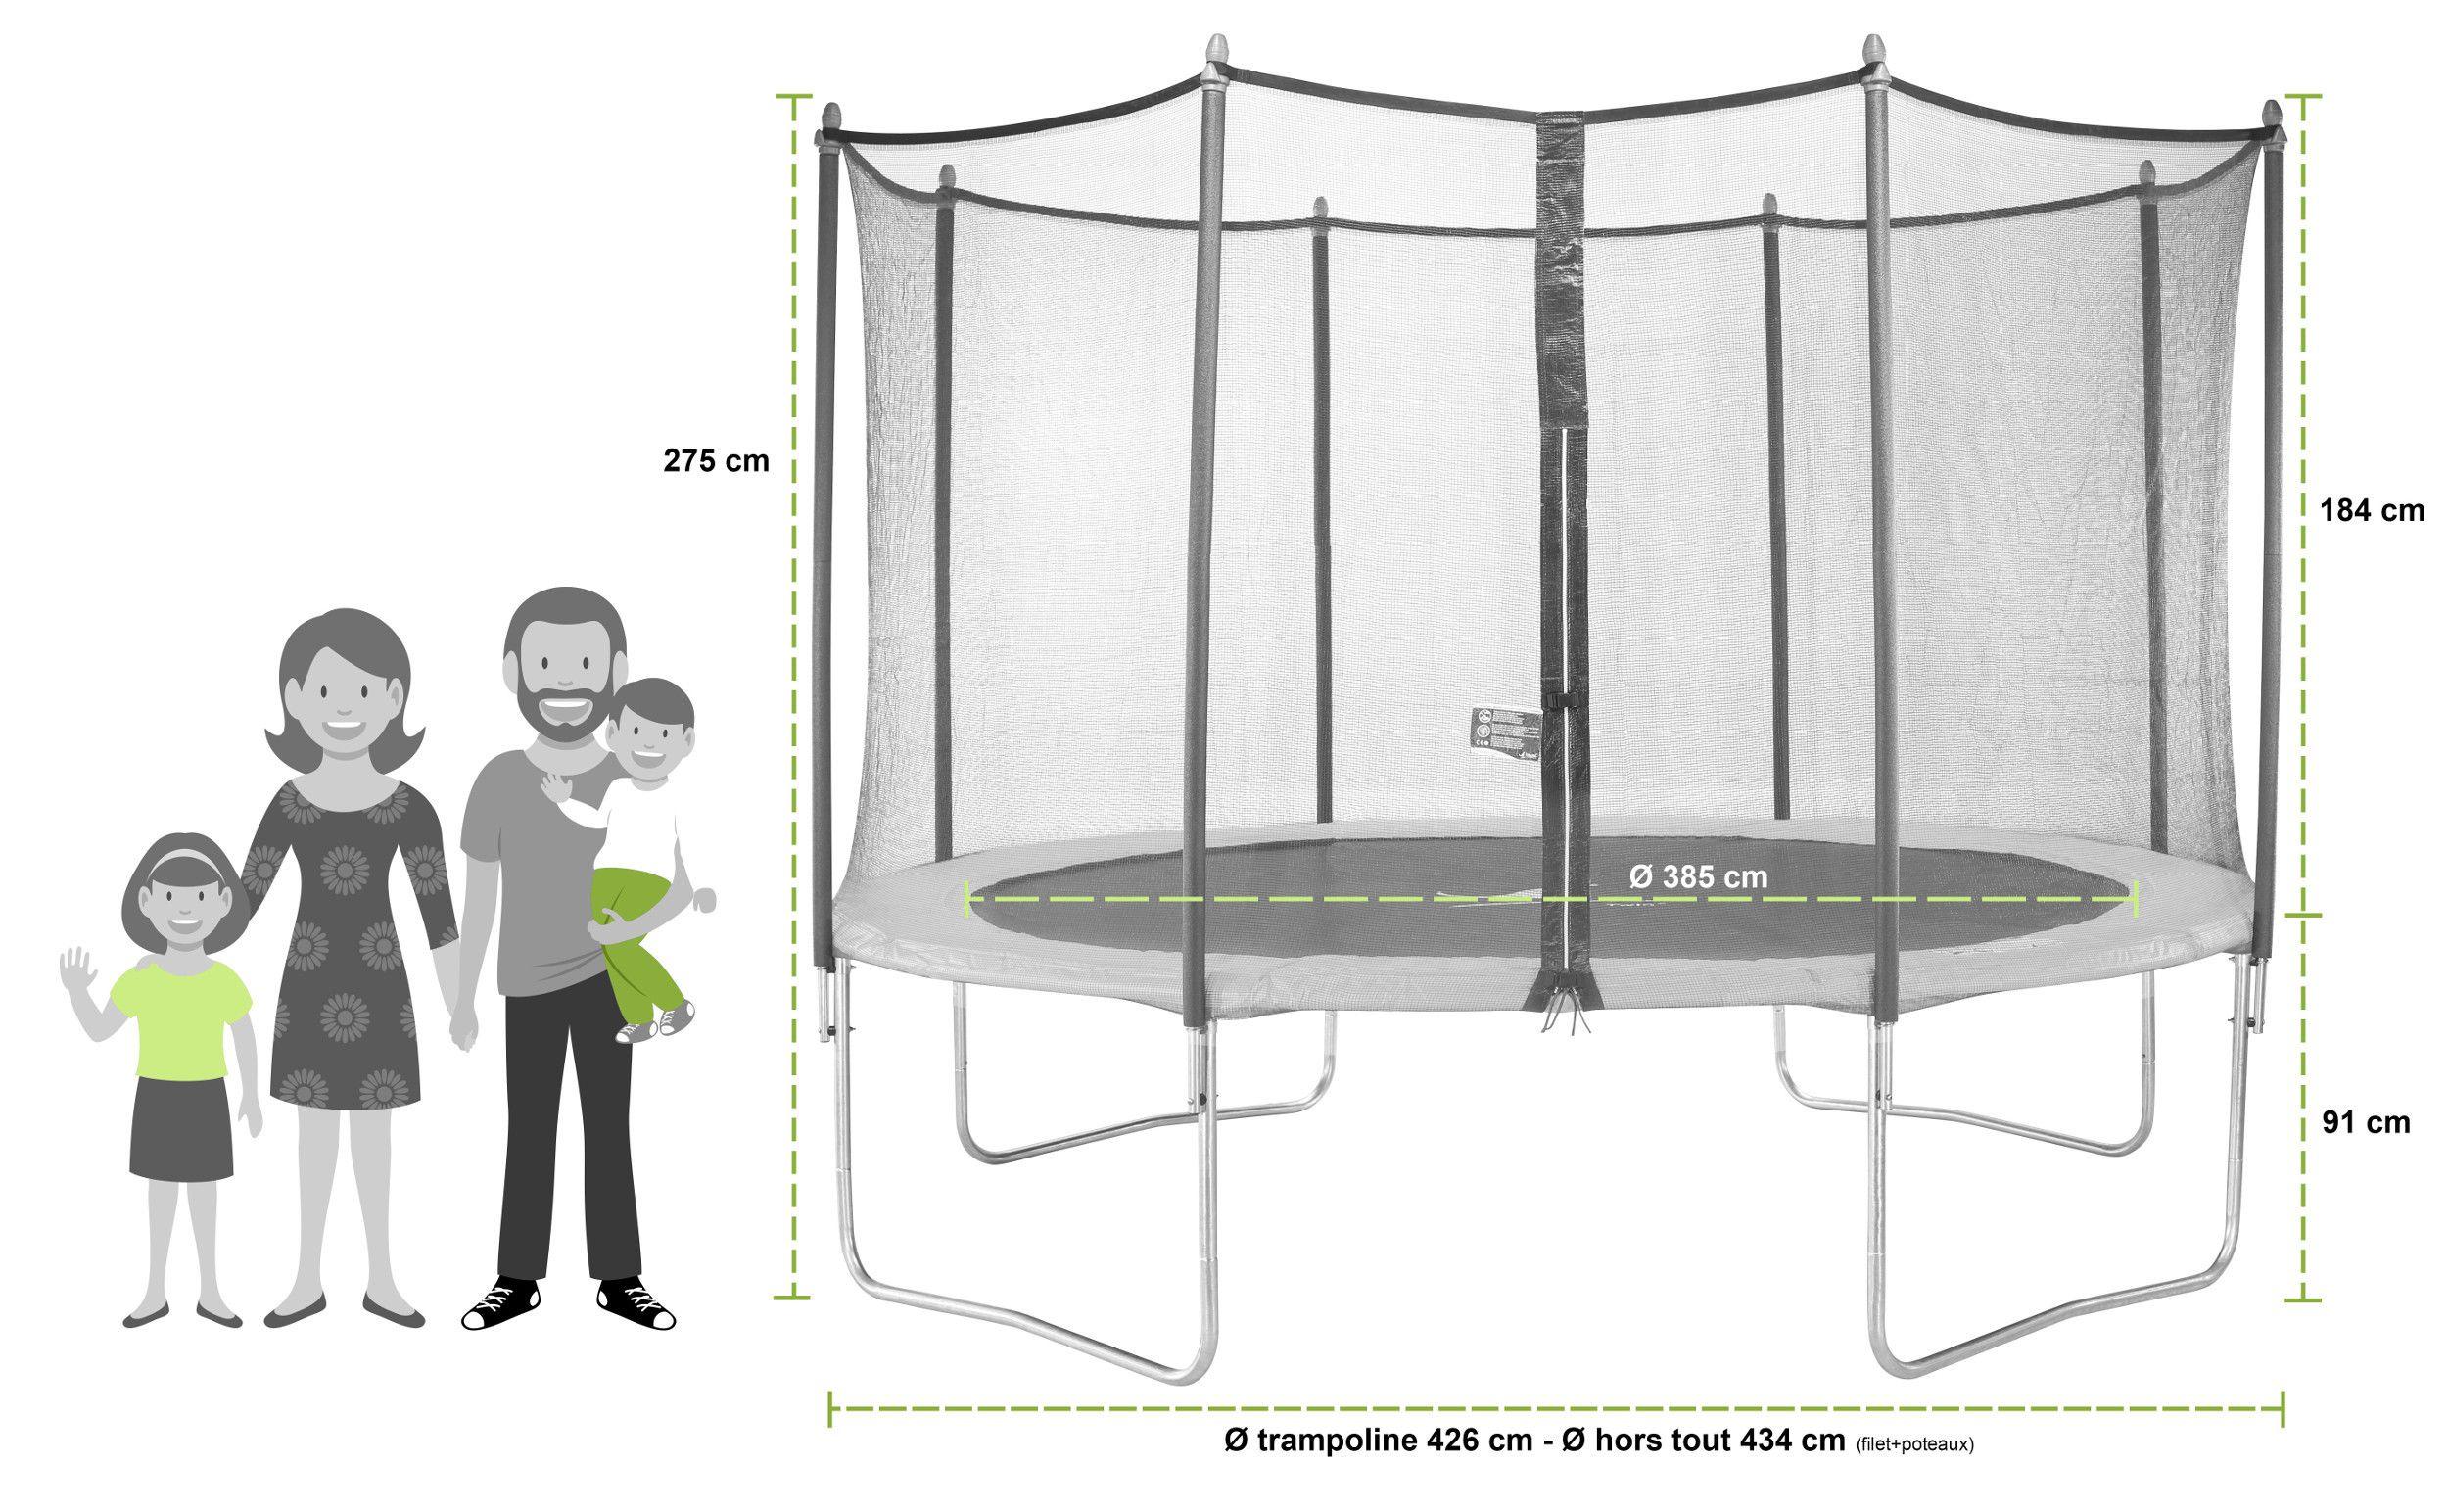 Kangui mega pack trampoline 426 cm avec accessoires twin duo vert echelle c - Filet de protection trampoline 244 ...